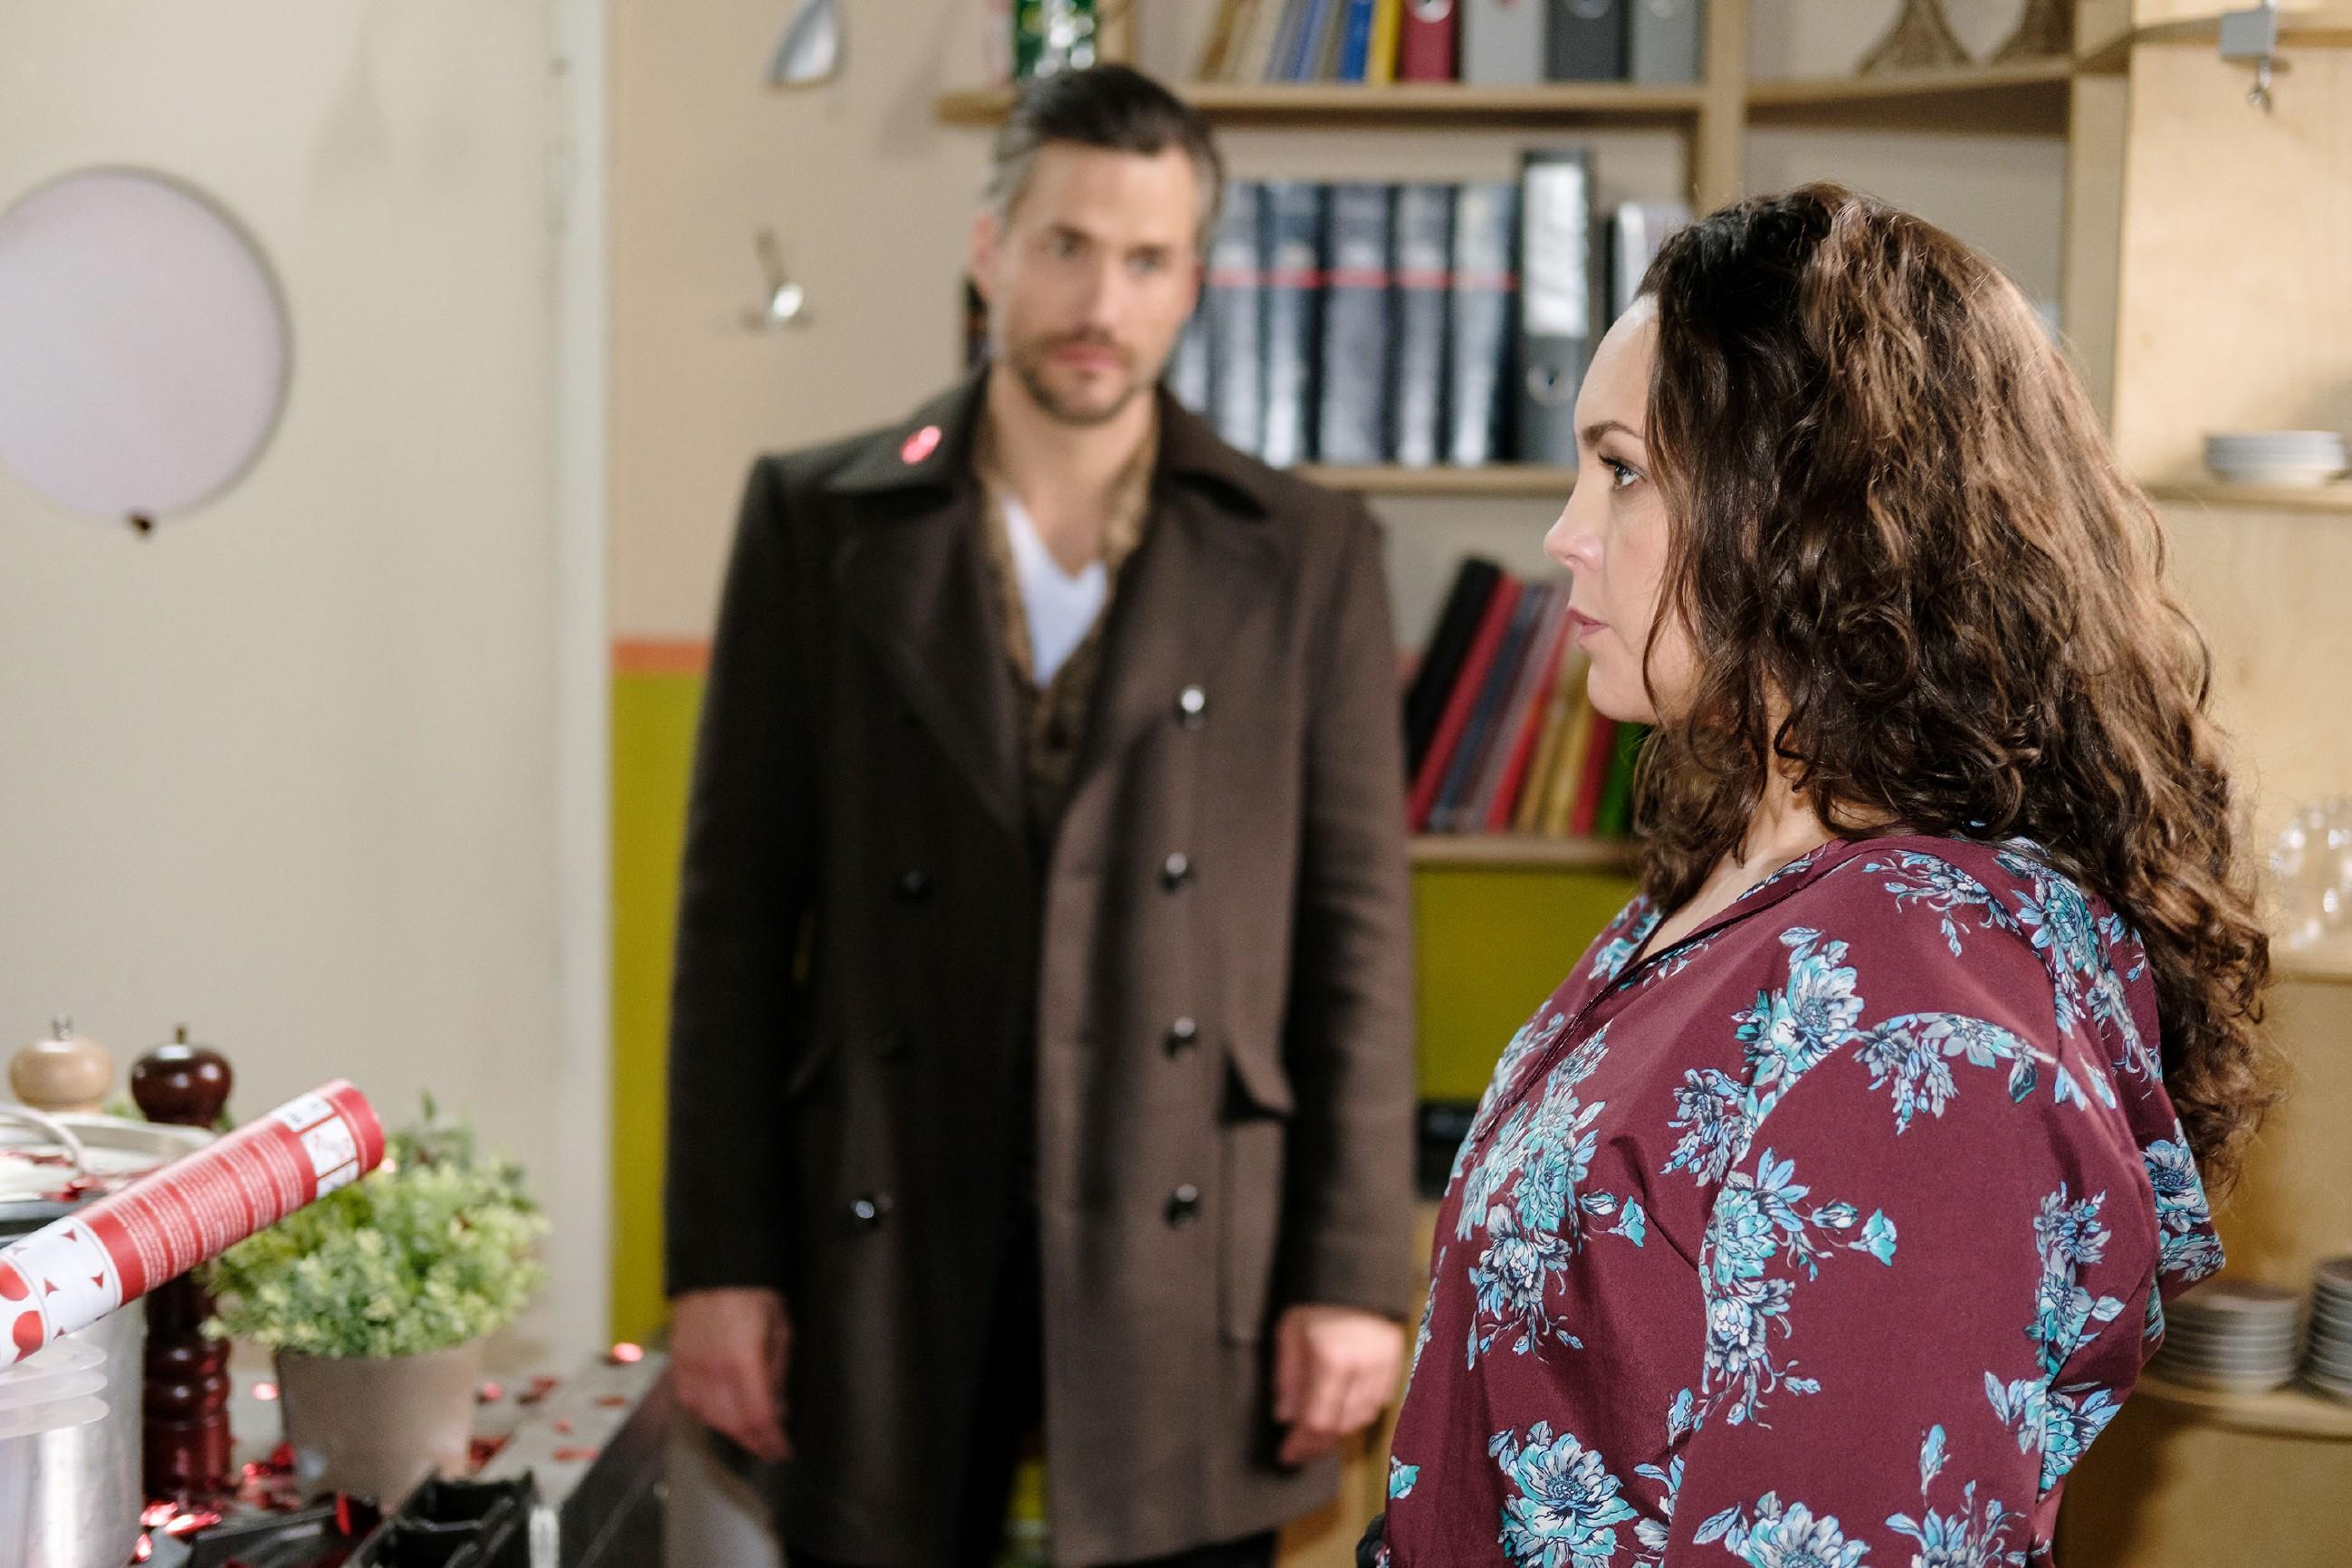 Caro (Ines Kurenbach) ist es zunächst peinlich, dass Malte (Stefan Bockelmann) ihren Gefühlsausbruch mitbekommt. Doch als er über den Vorfall einfach hinweggeht, ist sie wiederum getroffen... (Quelle: RTL / Stefan Behrens)